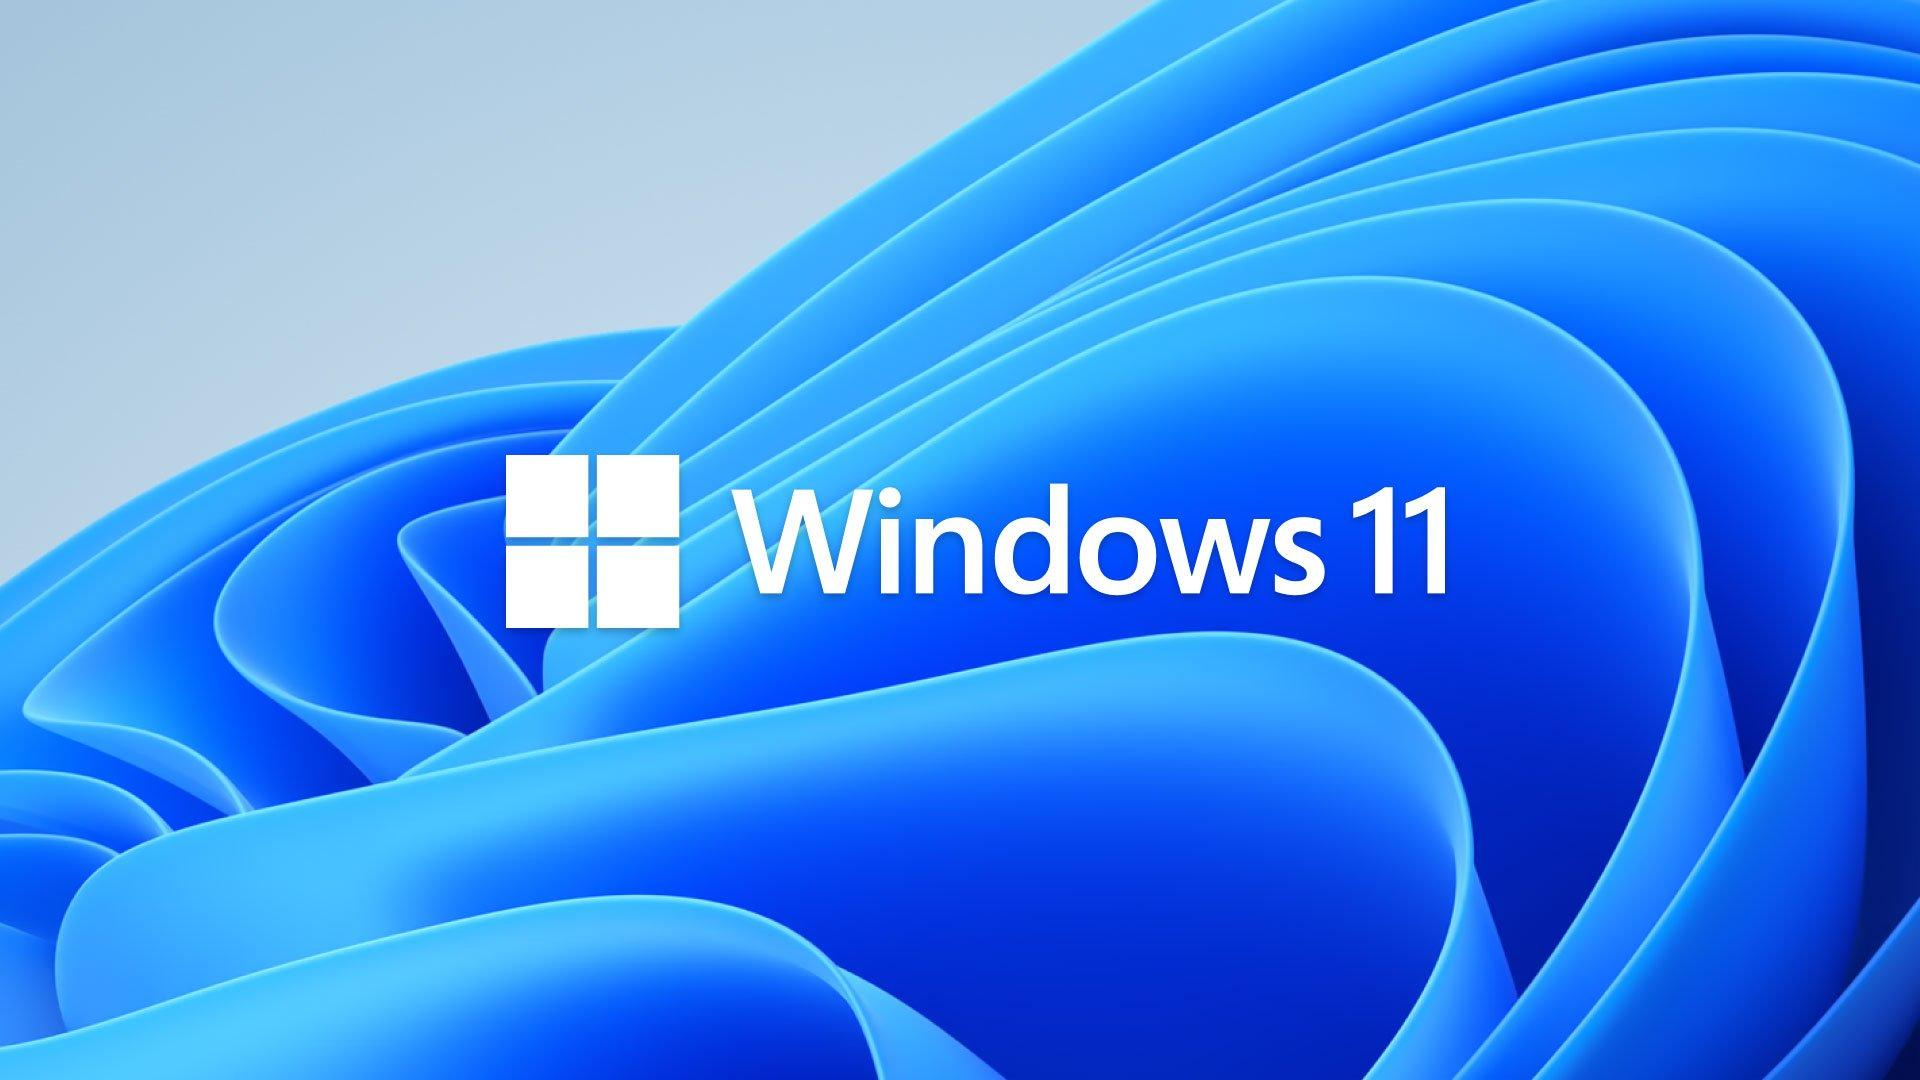 ويندوز 11,تحميل ويندوز 11,تثبيت ويندوز 11,windows 11,كيف احصل على ويندوز 11,الترقية الى ويندوز 11,ويندوز 11 الجديد,تسطيب ويندوز 11,مميزات ويندوز 11,رابط تحميل ويندوز 11,كيفية الحصول على تحديثات ويندوز 11,ويندوز 11 عربي,تنزيل ويندوز 11,تحميل ويندوز 11 ايزو,ويندوز 11 مايكروسوفت,ترقية ويندوز 10 الى ويندوز 11,حقيقة ويندوز 11,تحديث ويندوز 10 الى ويندوز 11,نسخة ويندوز 11,تسريب ويندوز 11,تحميل ويندوز 11 النسخة الرسمية,ويندوز 11 للاجهزة الضعيفة